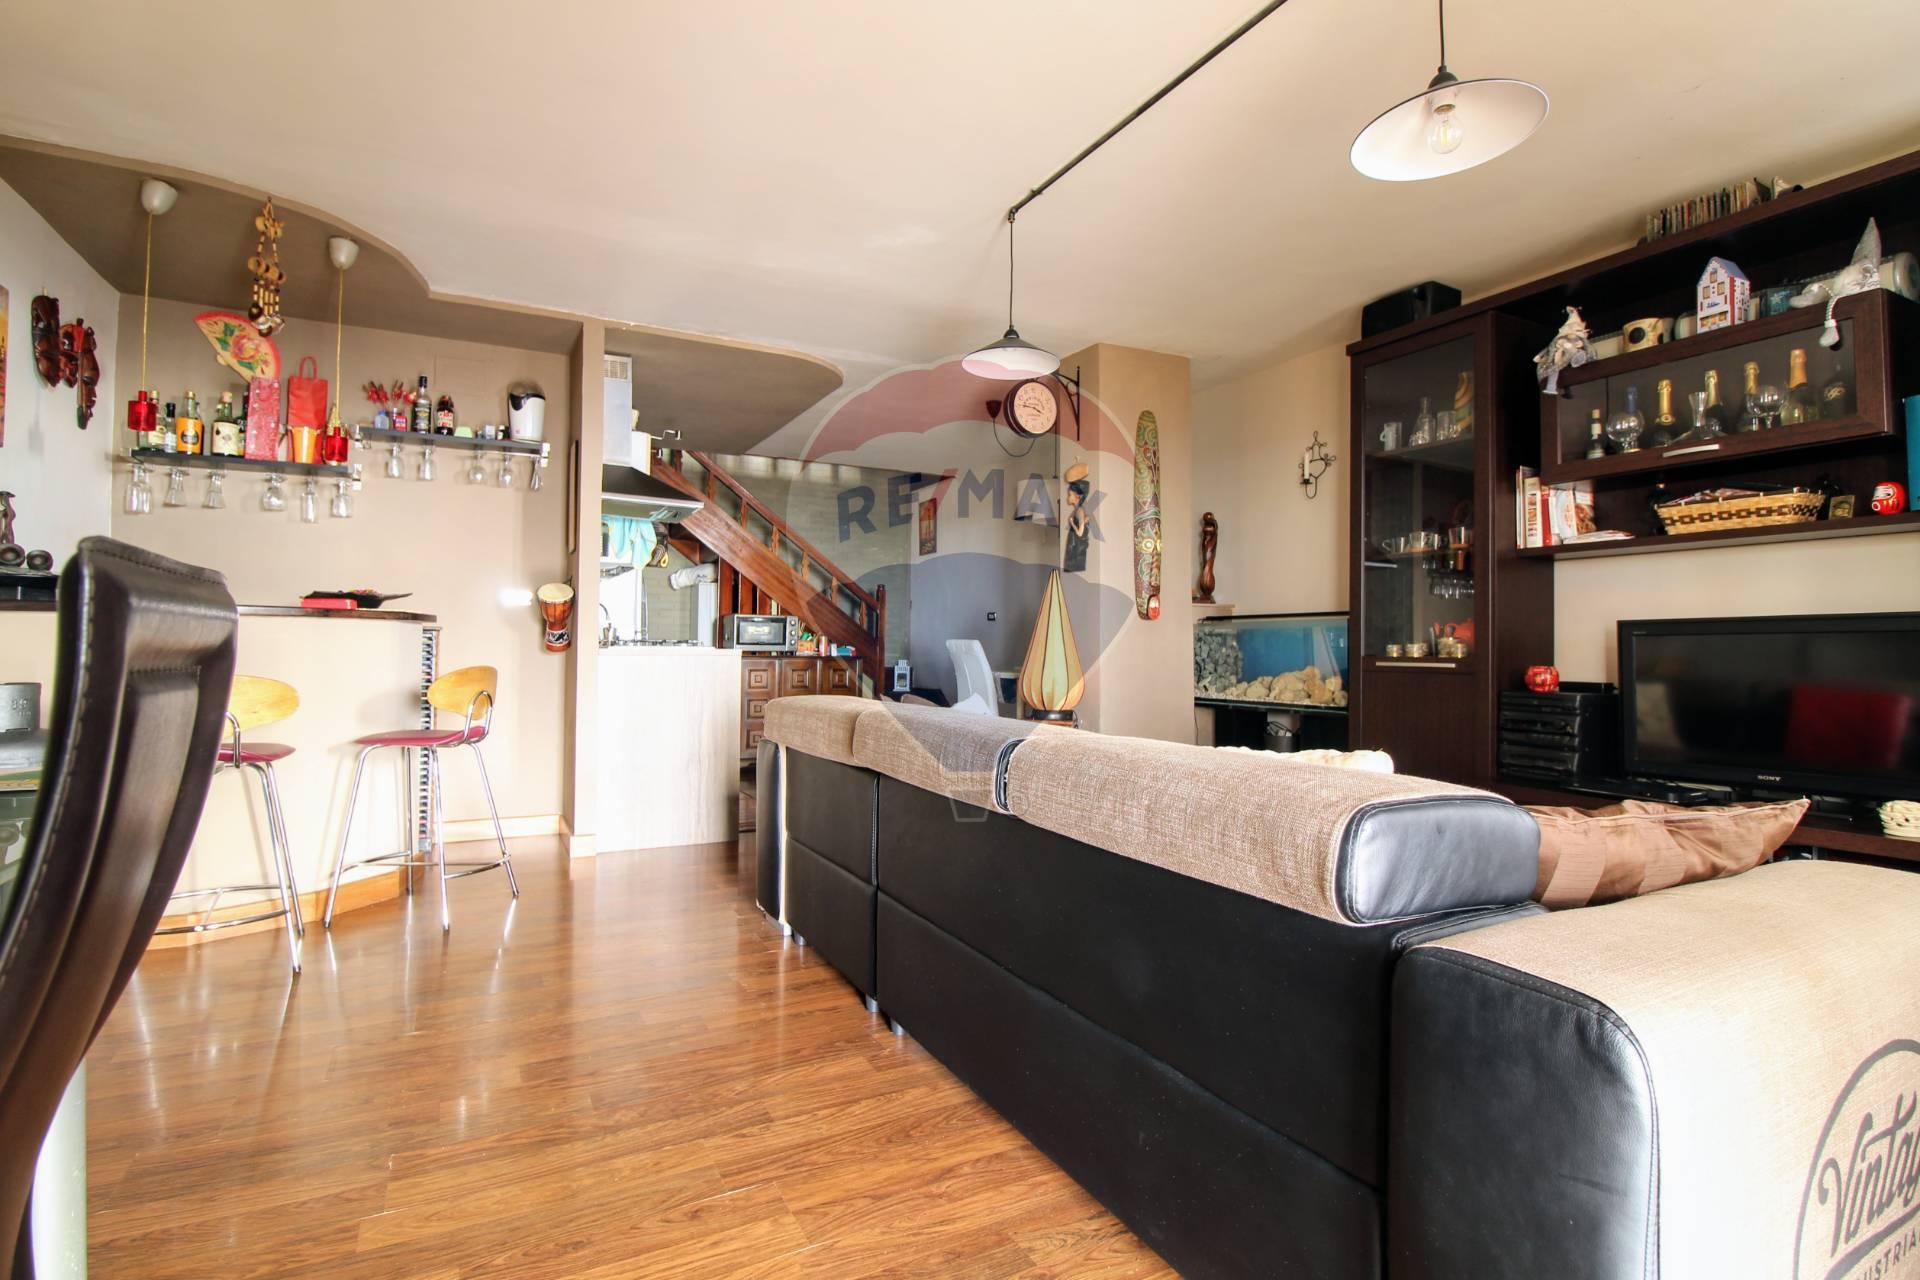 Appartamento in vendita a Rocca di Papa, 2 locali, prezzo € 135.000 | CambioCasa.it